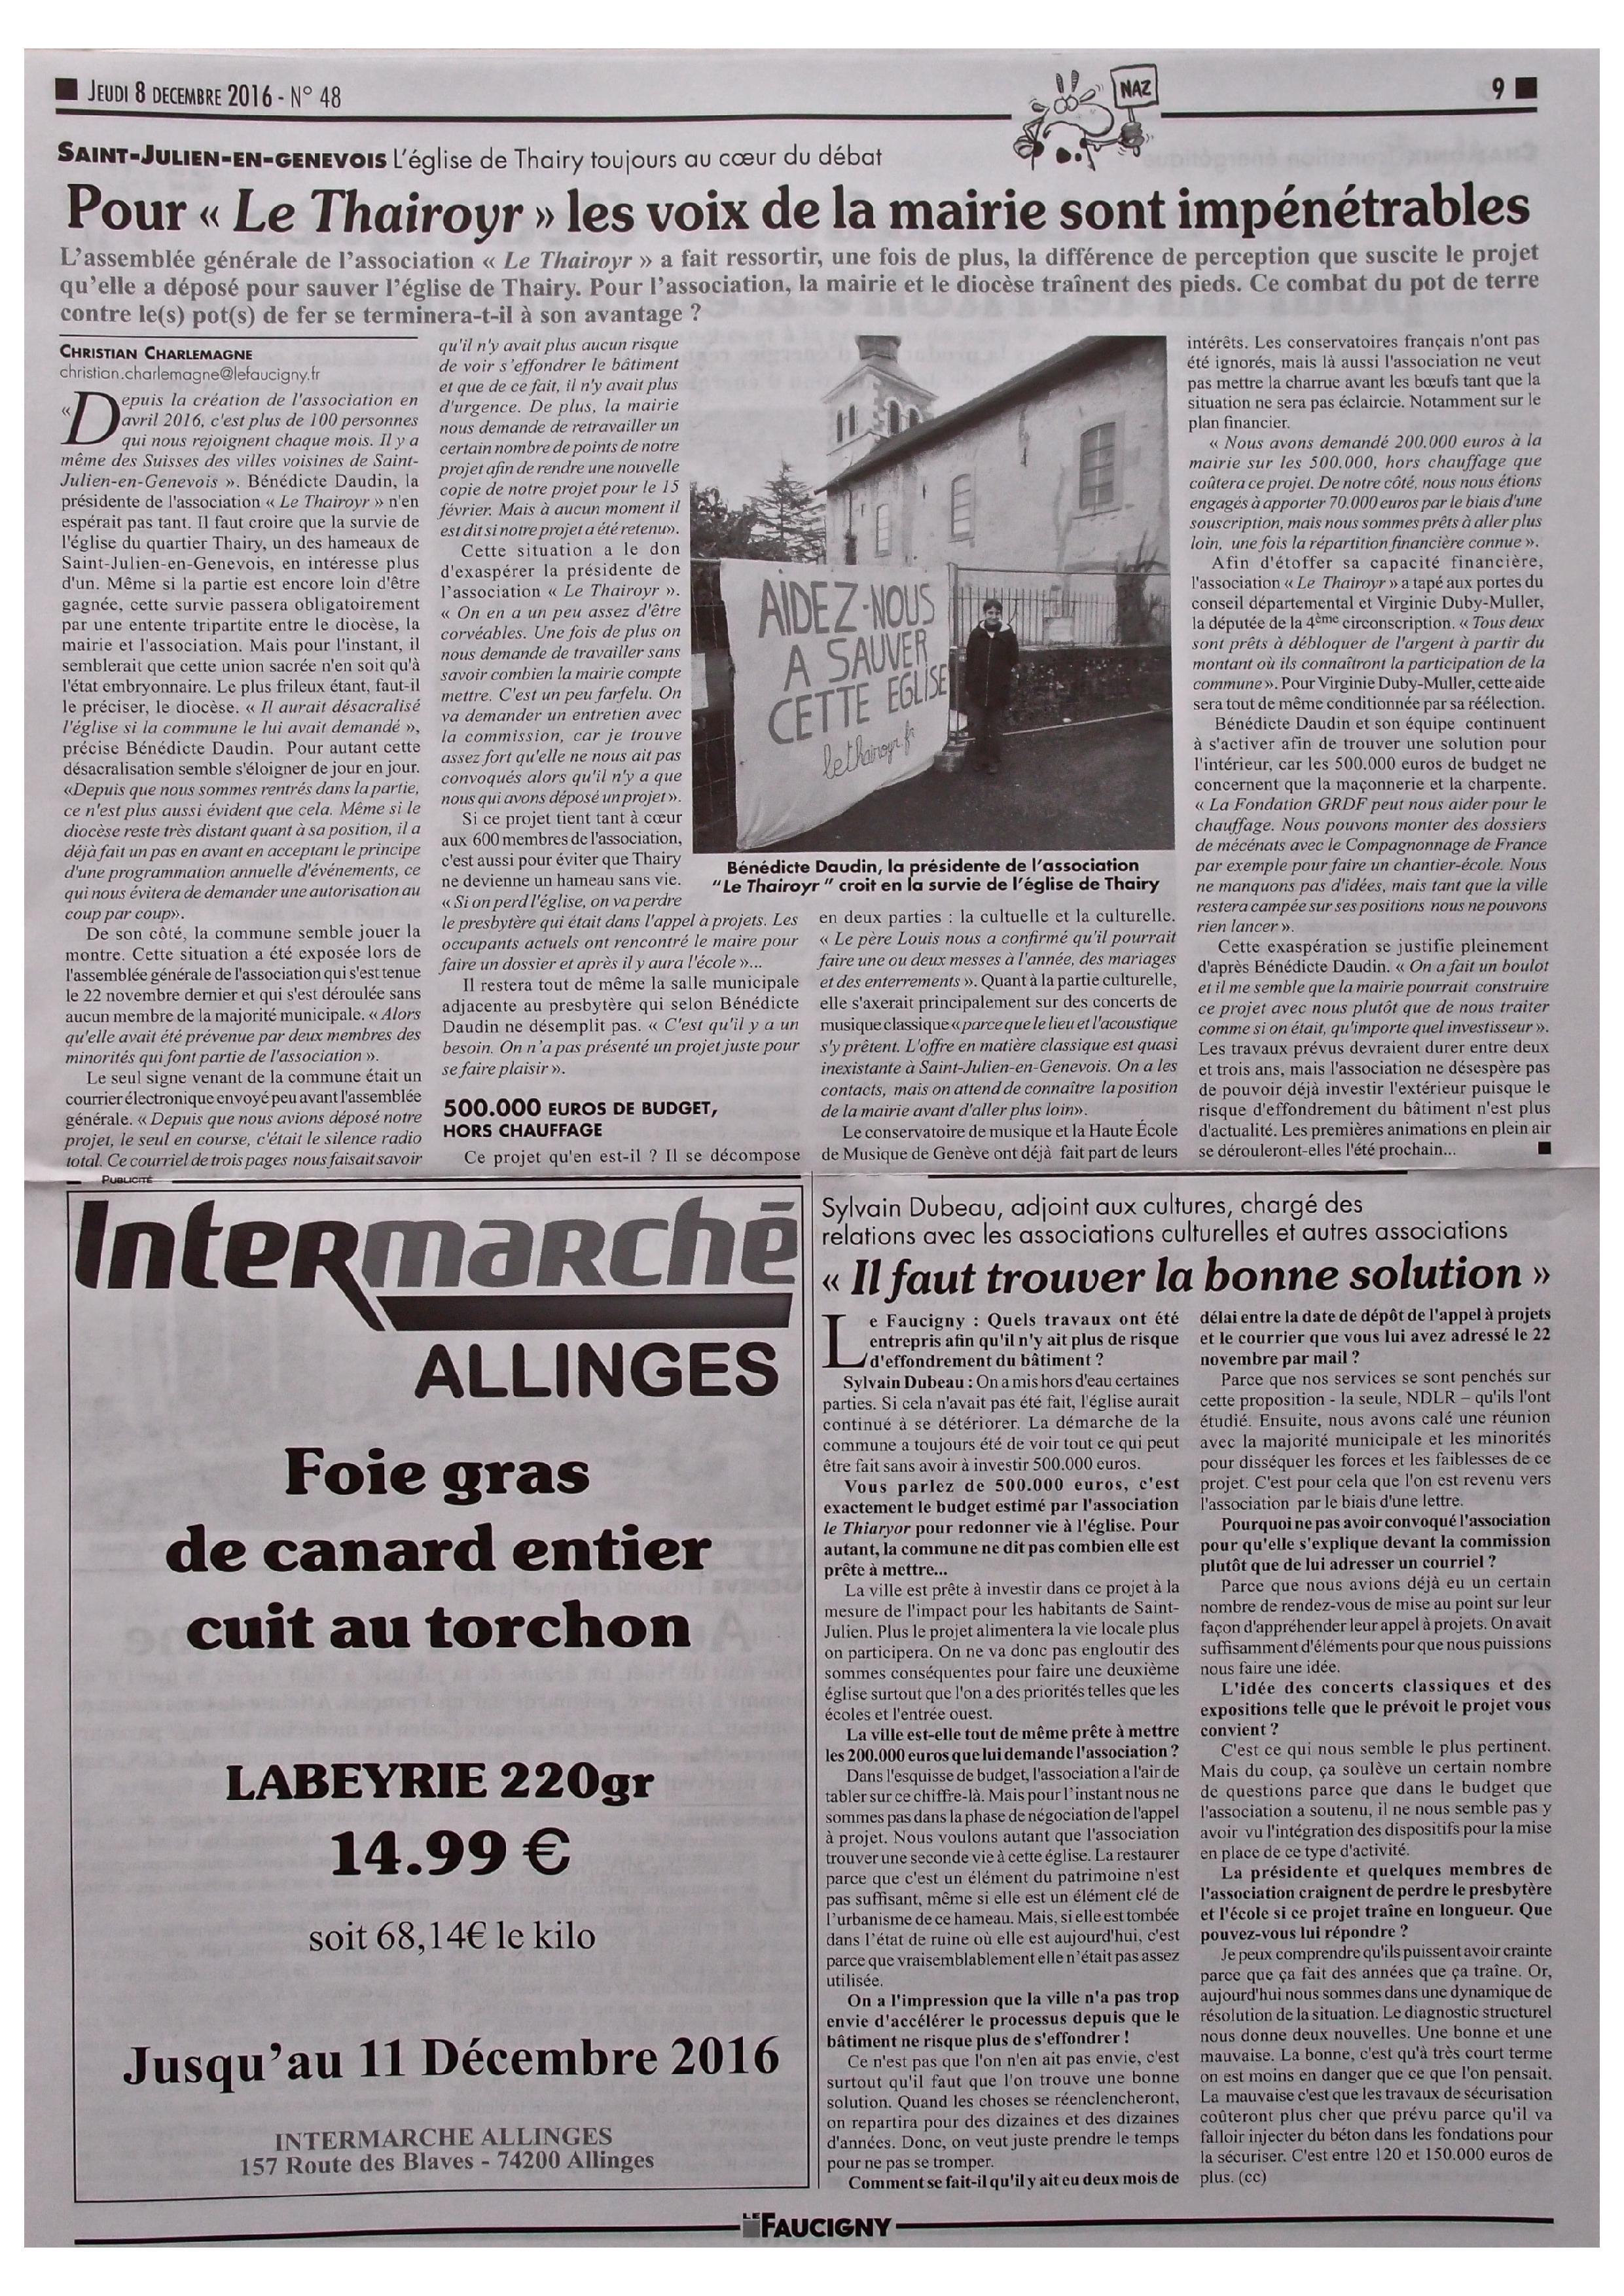 Le-faucigny-8-12-16